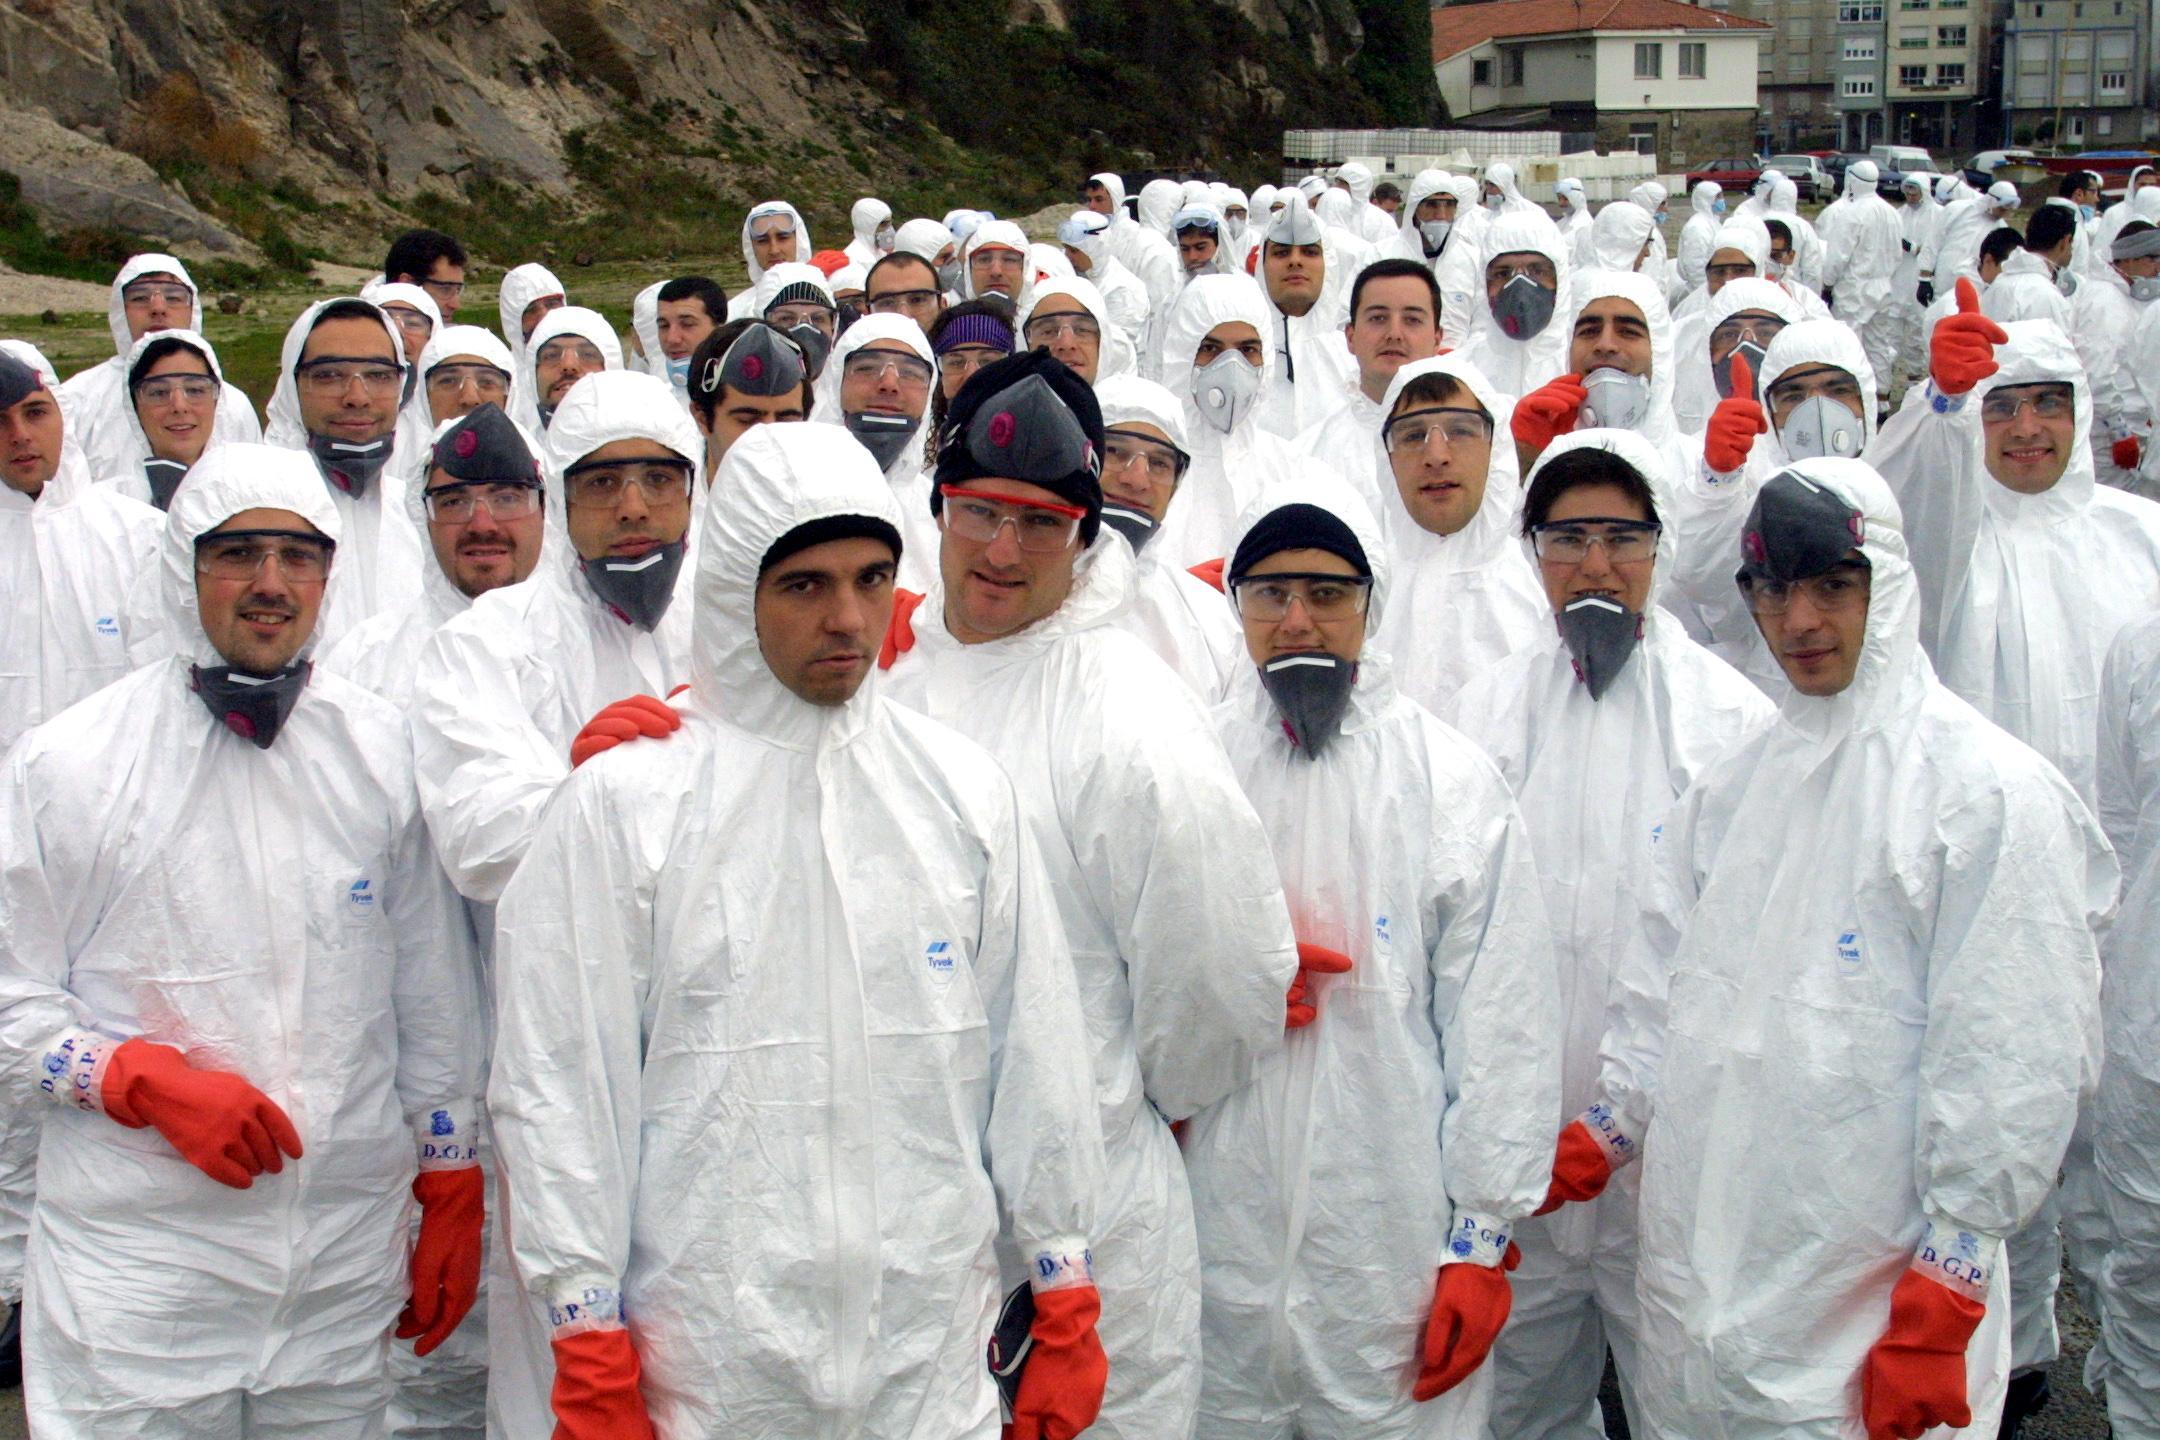 Pelotón de limpieza en Corme <br>José Manuel Casal